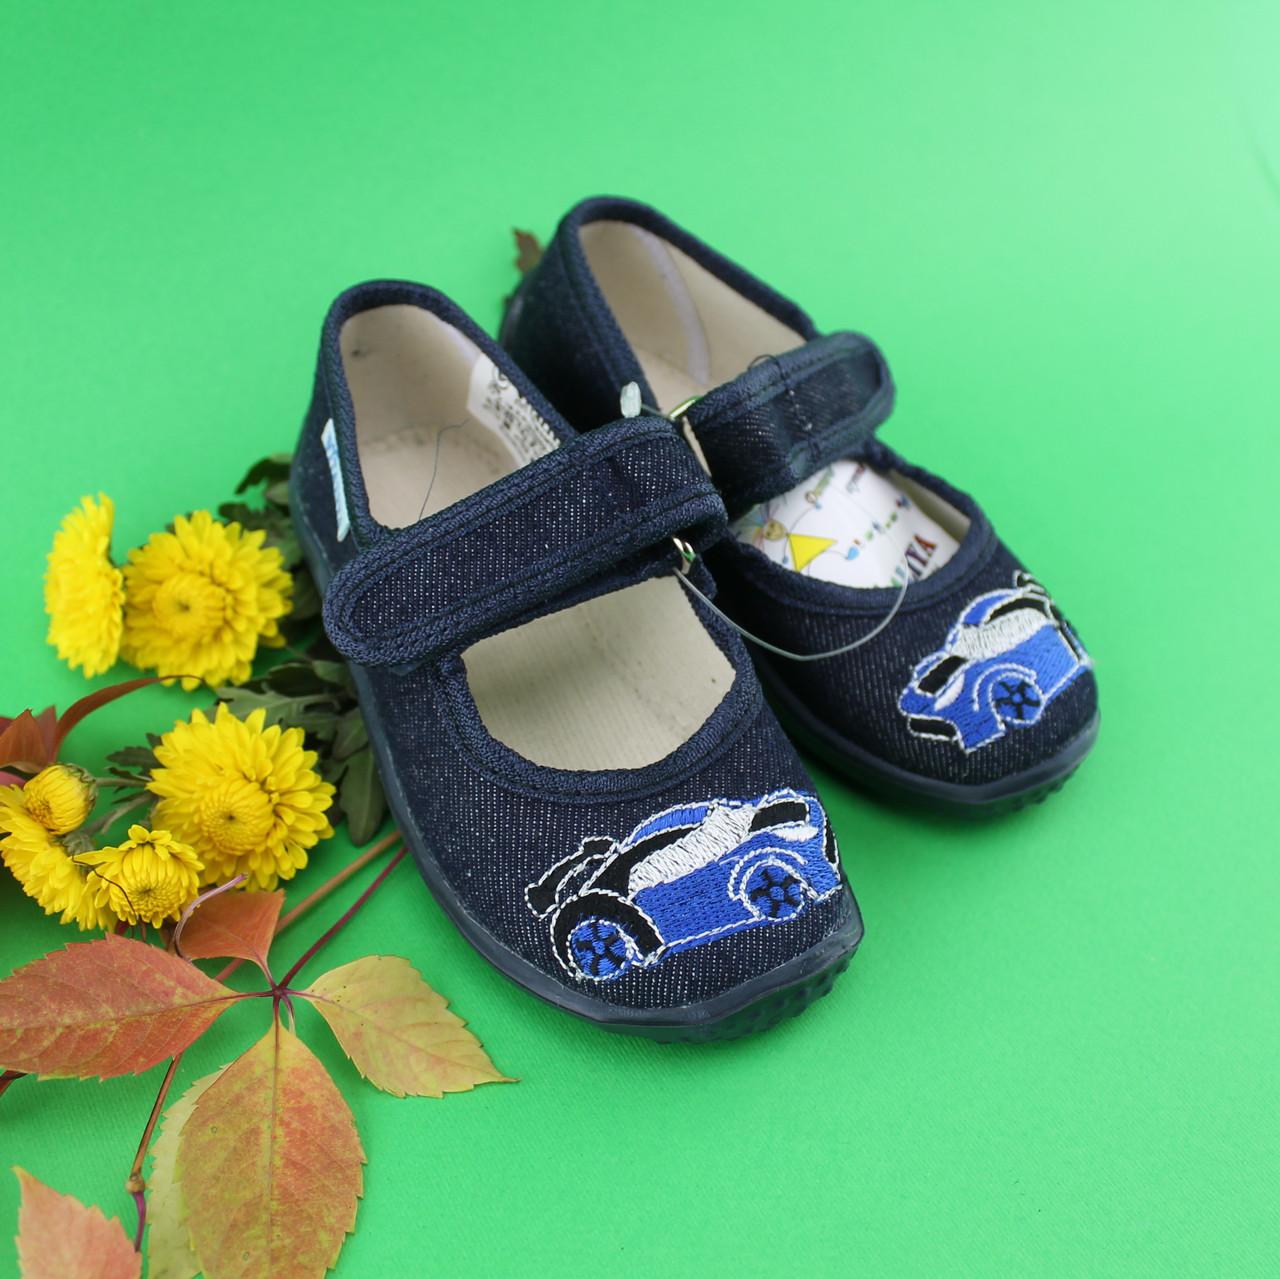 Детские Тапочки оптом для садика мальчик текстильные туфли Vitaliya Виталия Украина размер 23 по 27